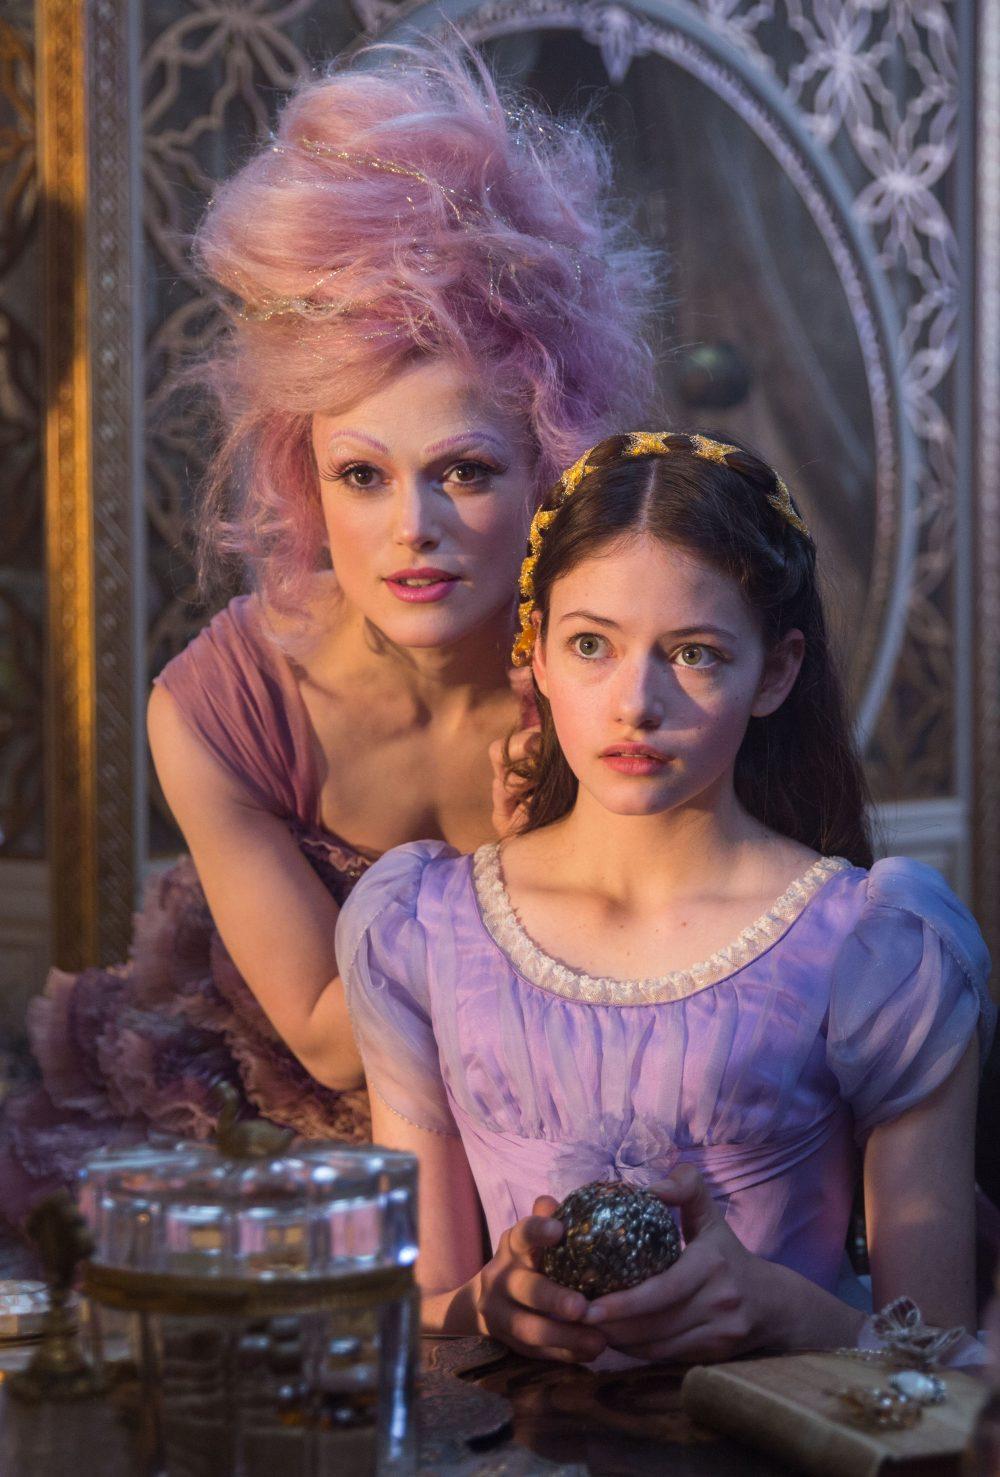 The Nutcracker Movie Scary for Kids? Read a Mom's Movie Review @PagingSupermom